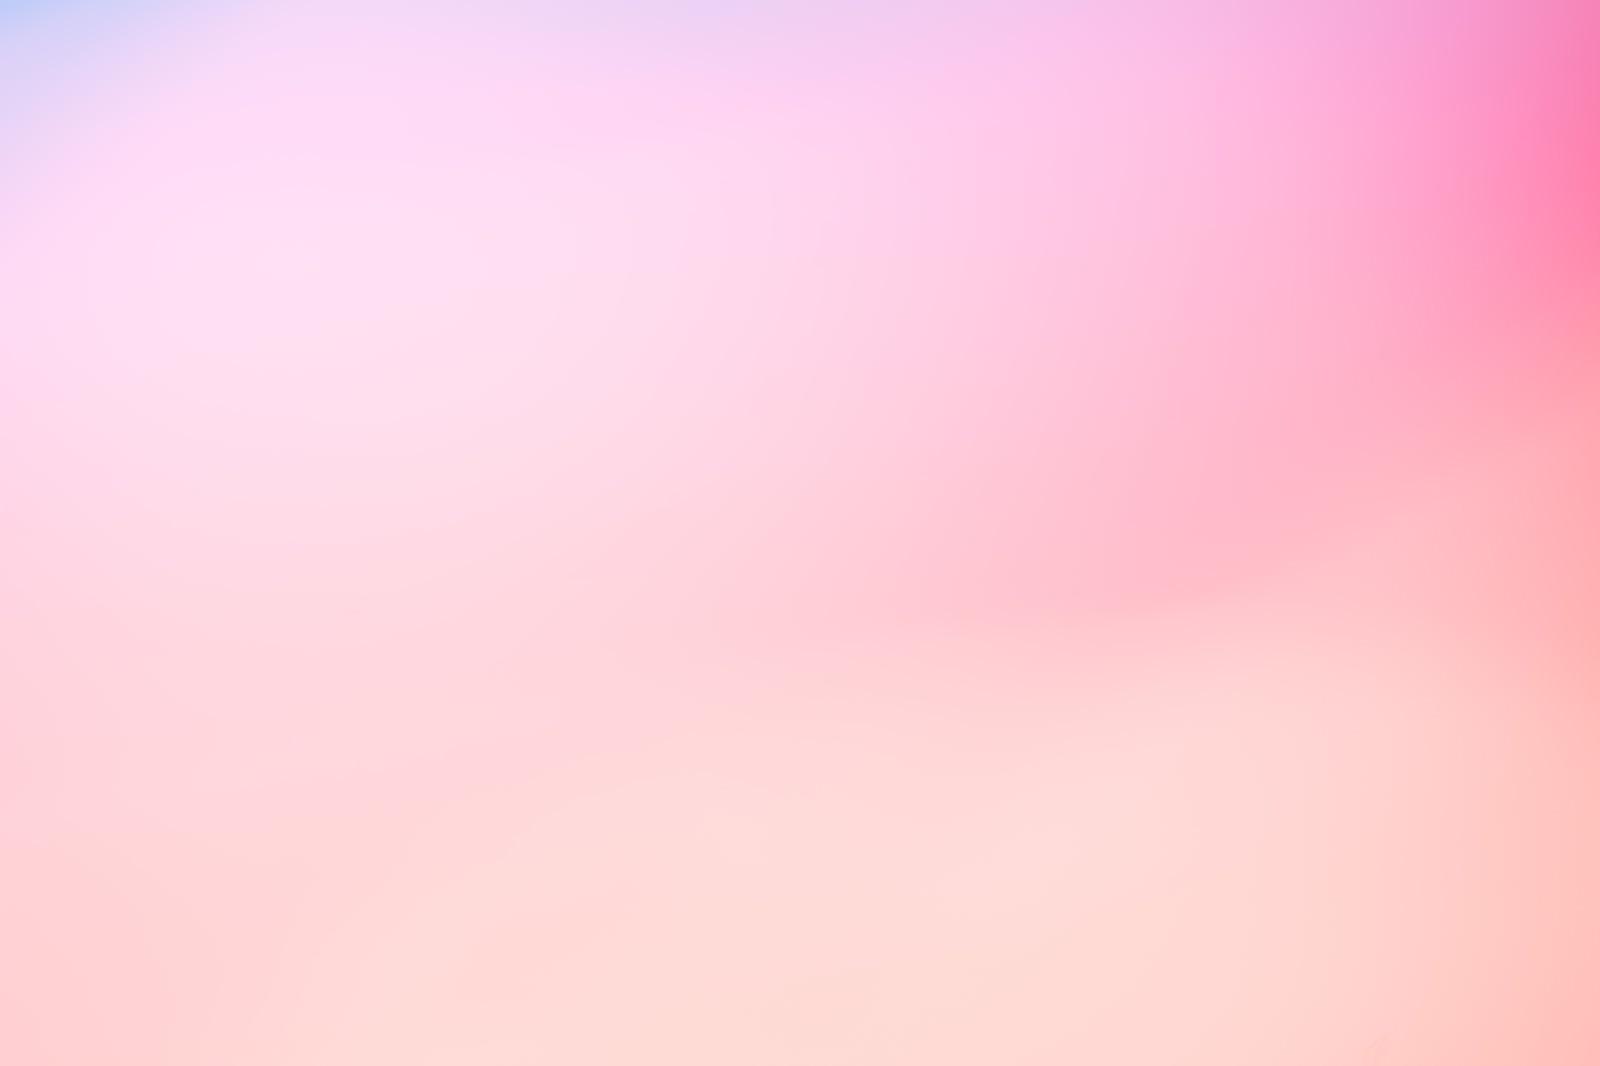 「ピンク色の背景(グラデーション)」の写真